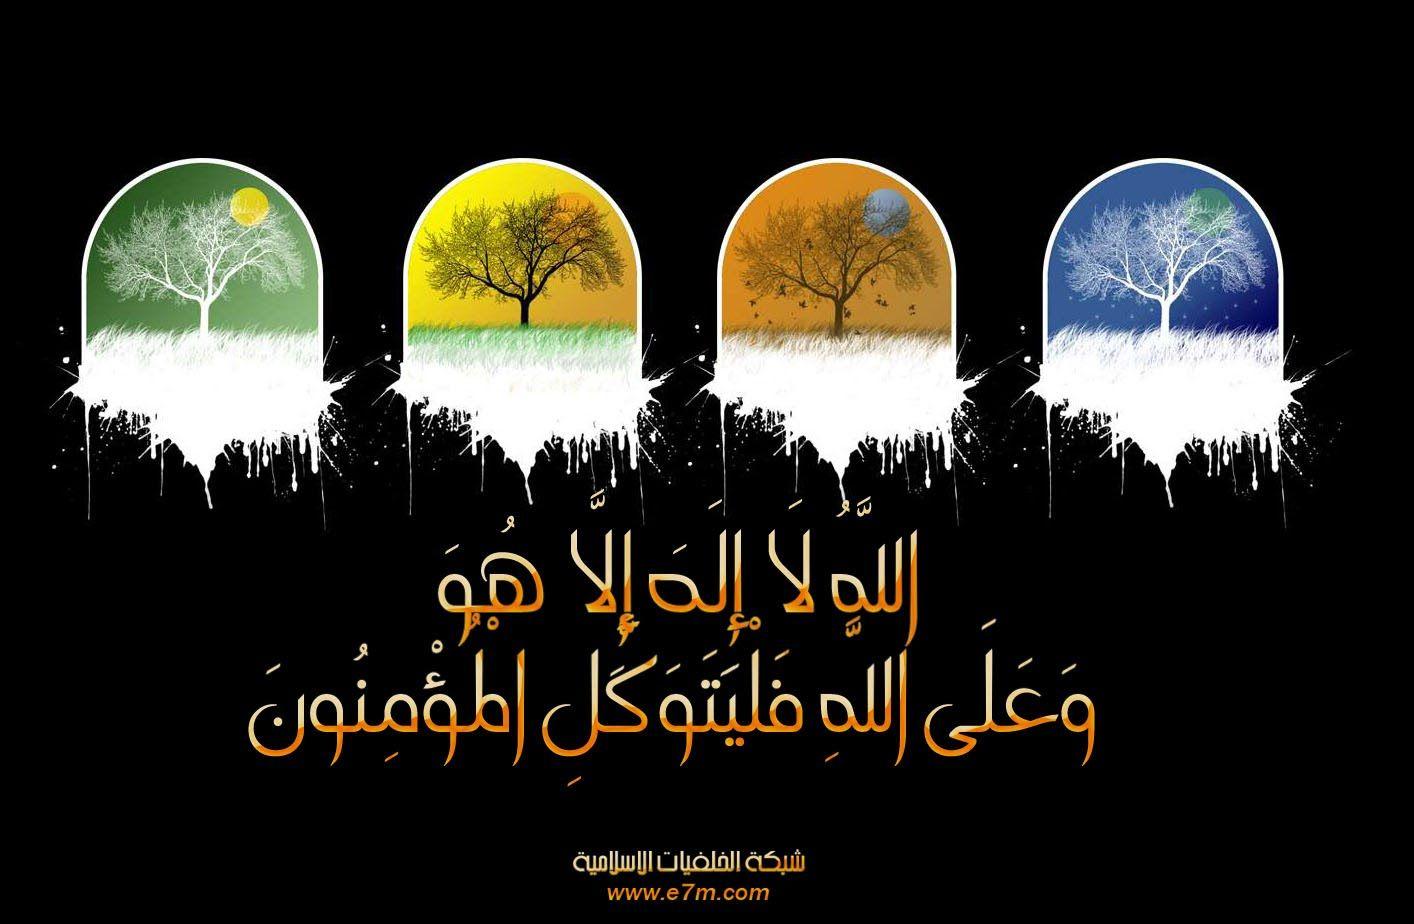 تجويد رائع سورة ق الشيخ محمد صديق المنشاوي Www Qoranet Net Movie Posters Poster Background